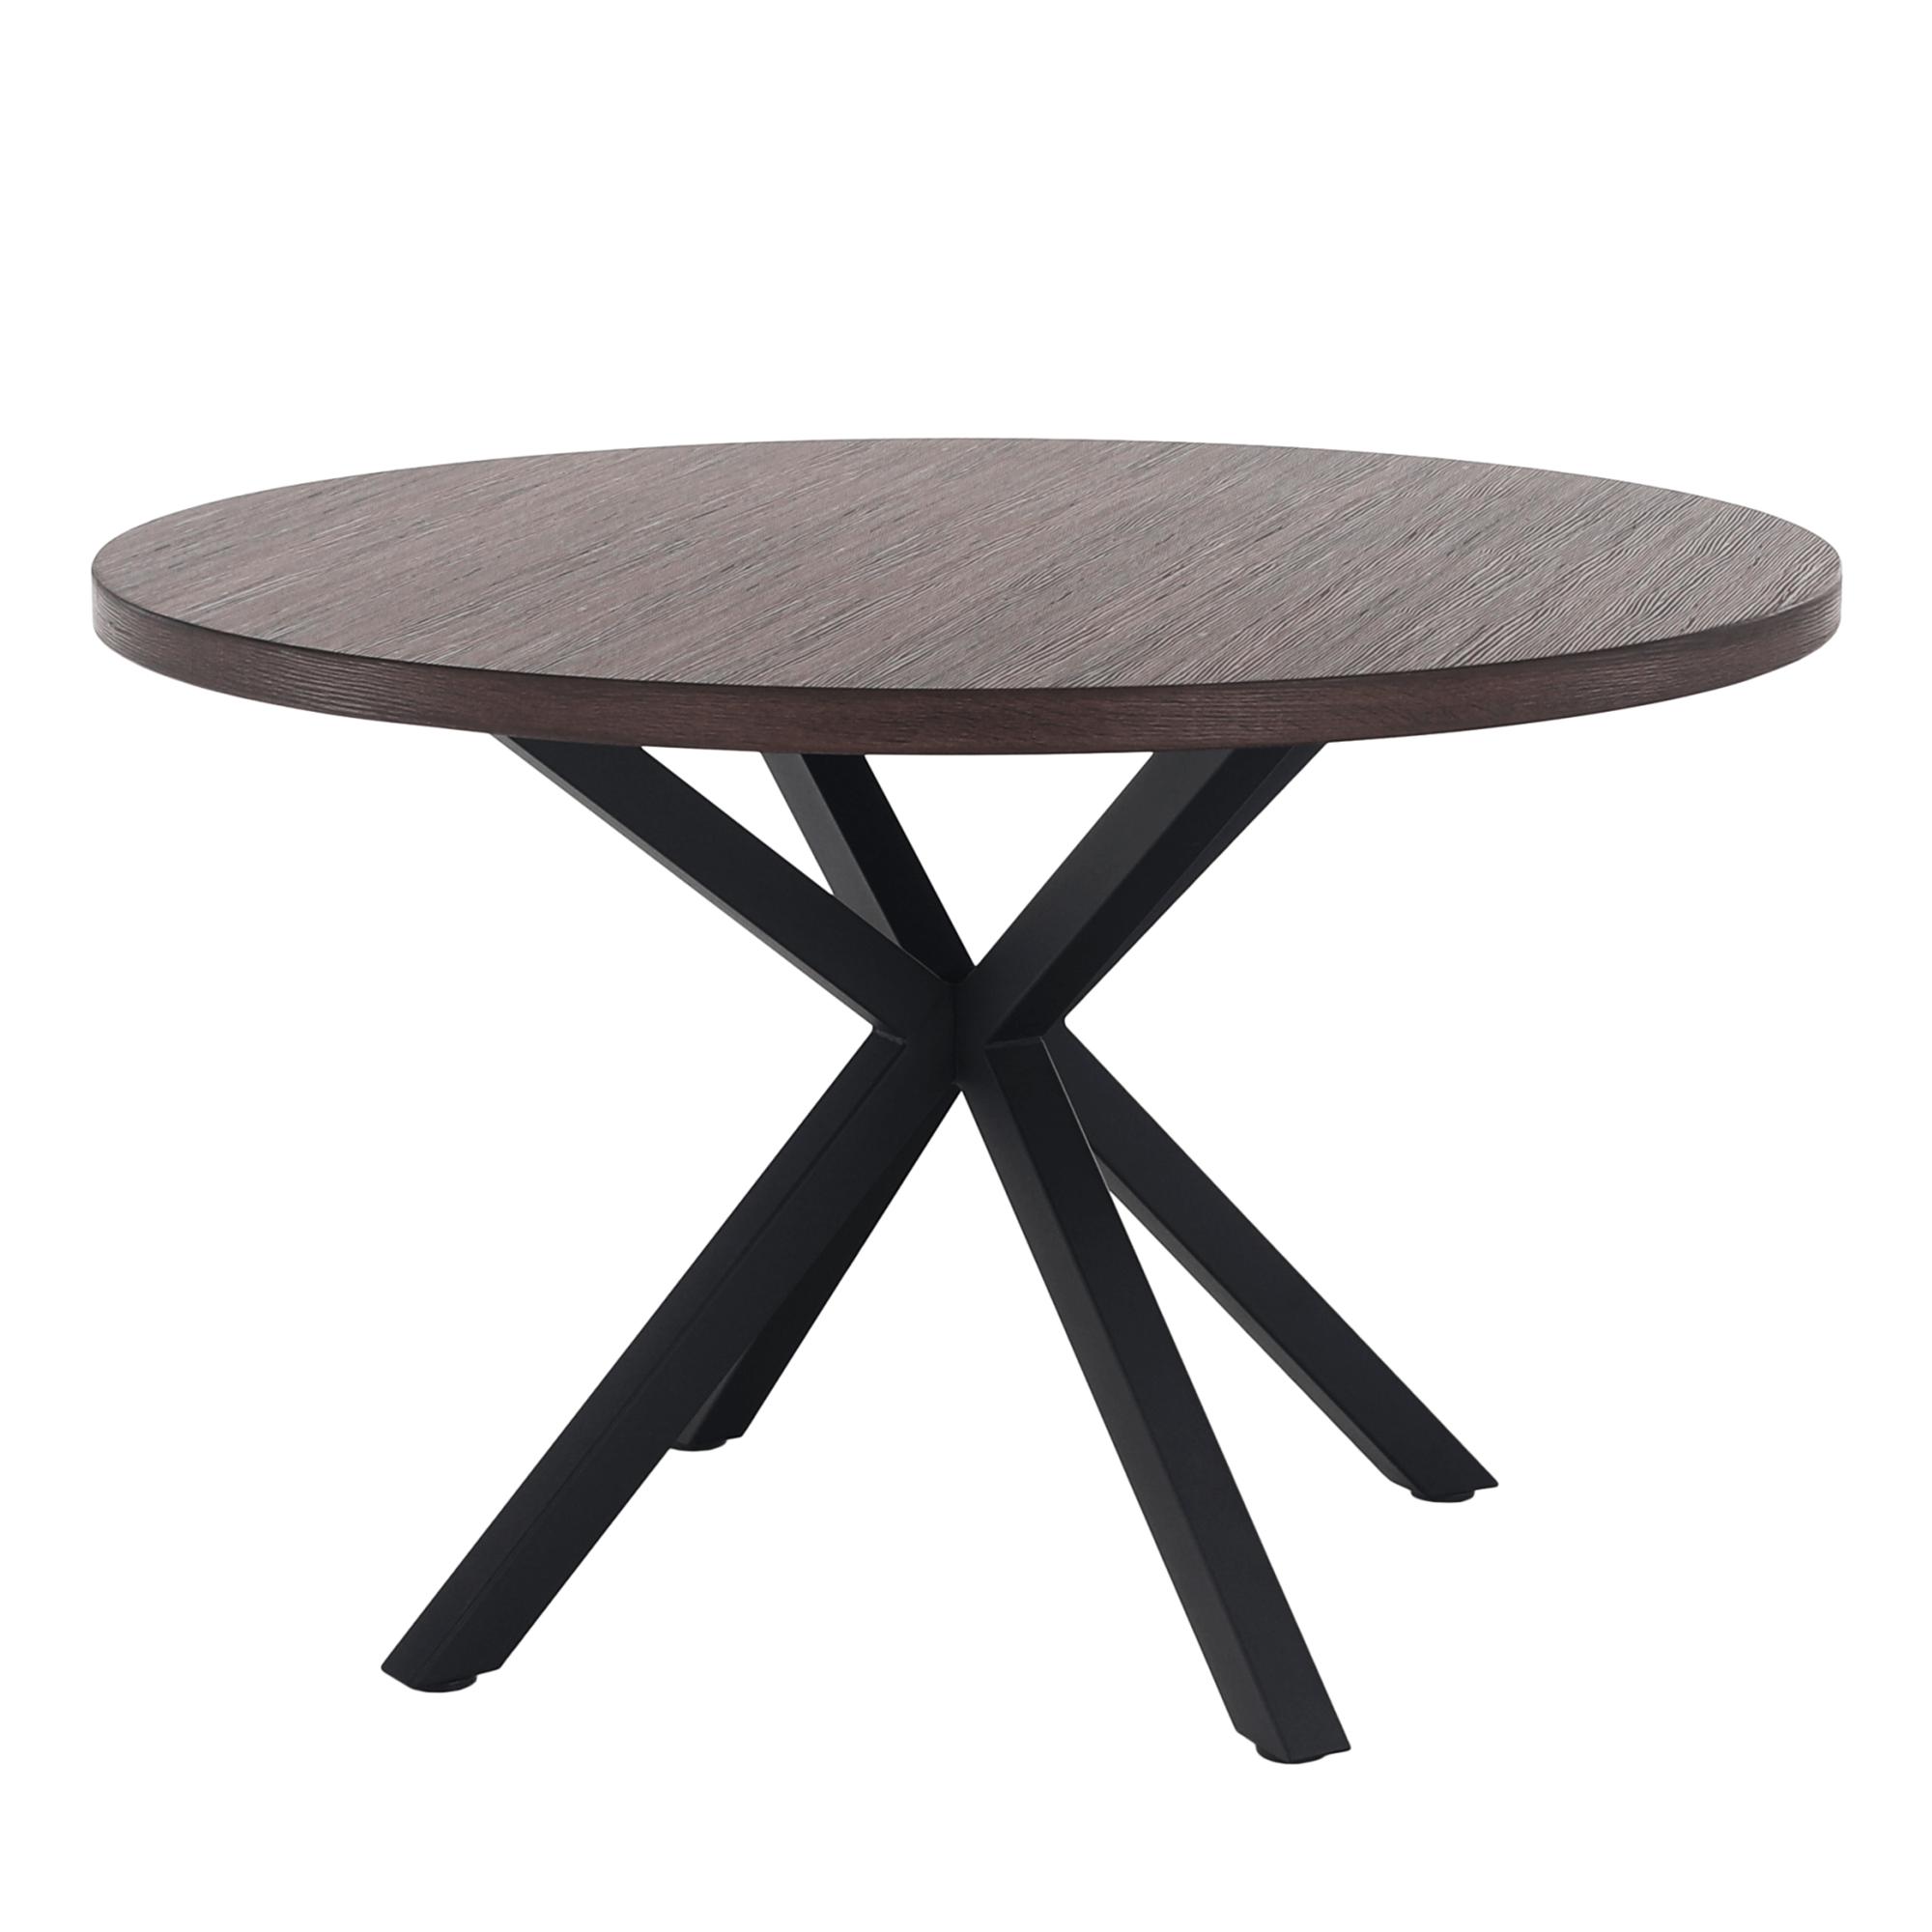 Jedálenský stôl, tmavý dub/čierna, MEDOR